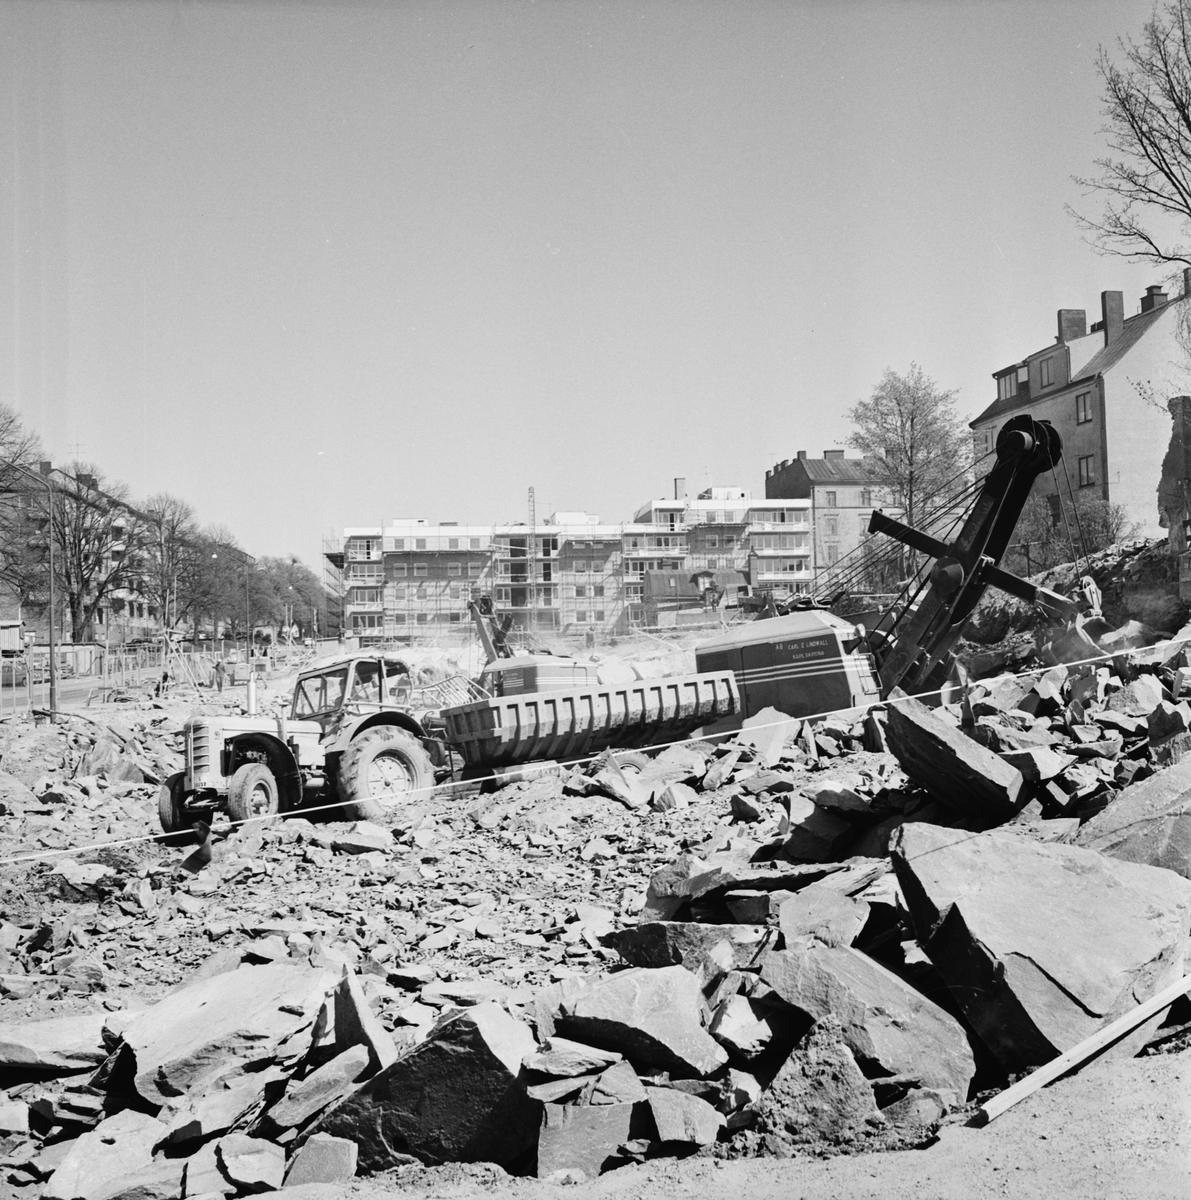 Övrigt: Foto datum: 25/5 1965 Byggnader och kranar Kvarteret pollux